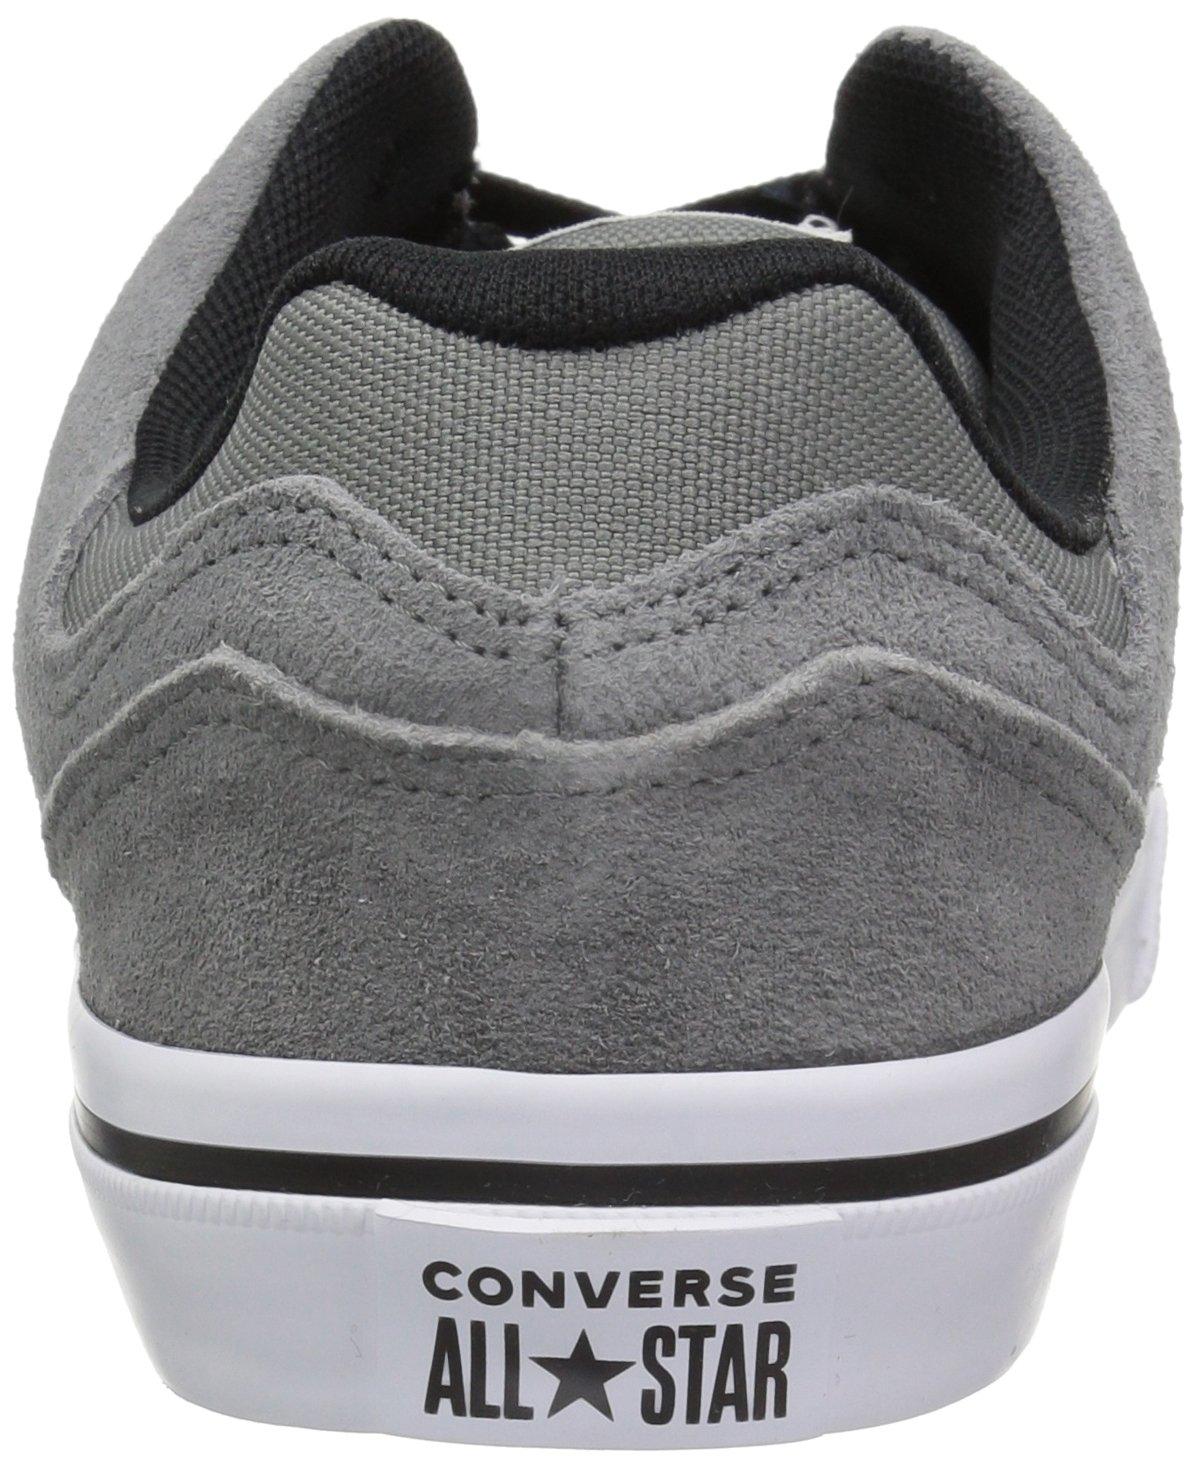 Converse EL Distrito Canvas Low Top Sneaker, Mason/White/Black, 12 M US by Converse (Image #2)